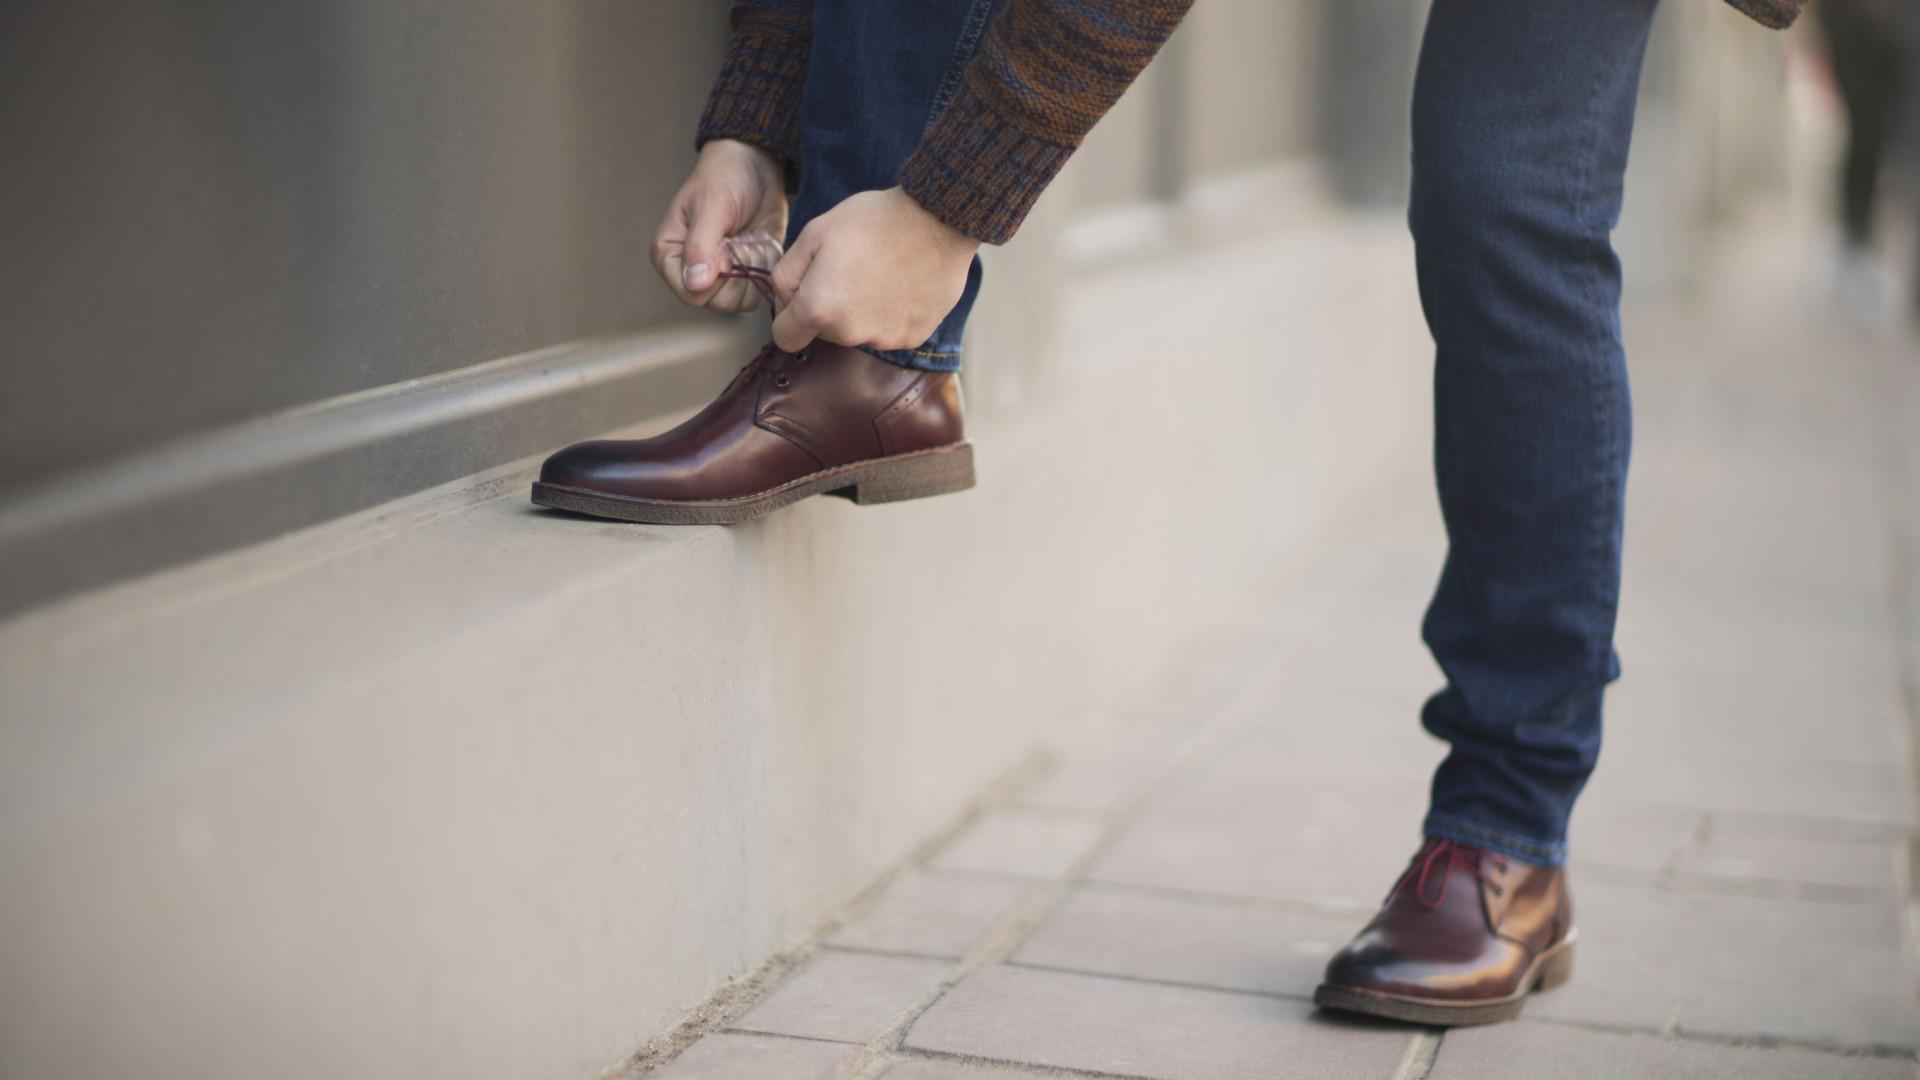 Homens, estes são os cinco pares de sapatos que devem garantir